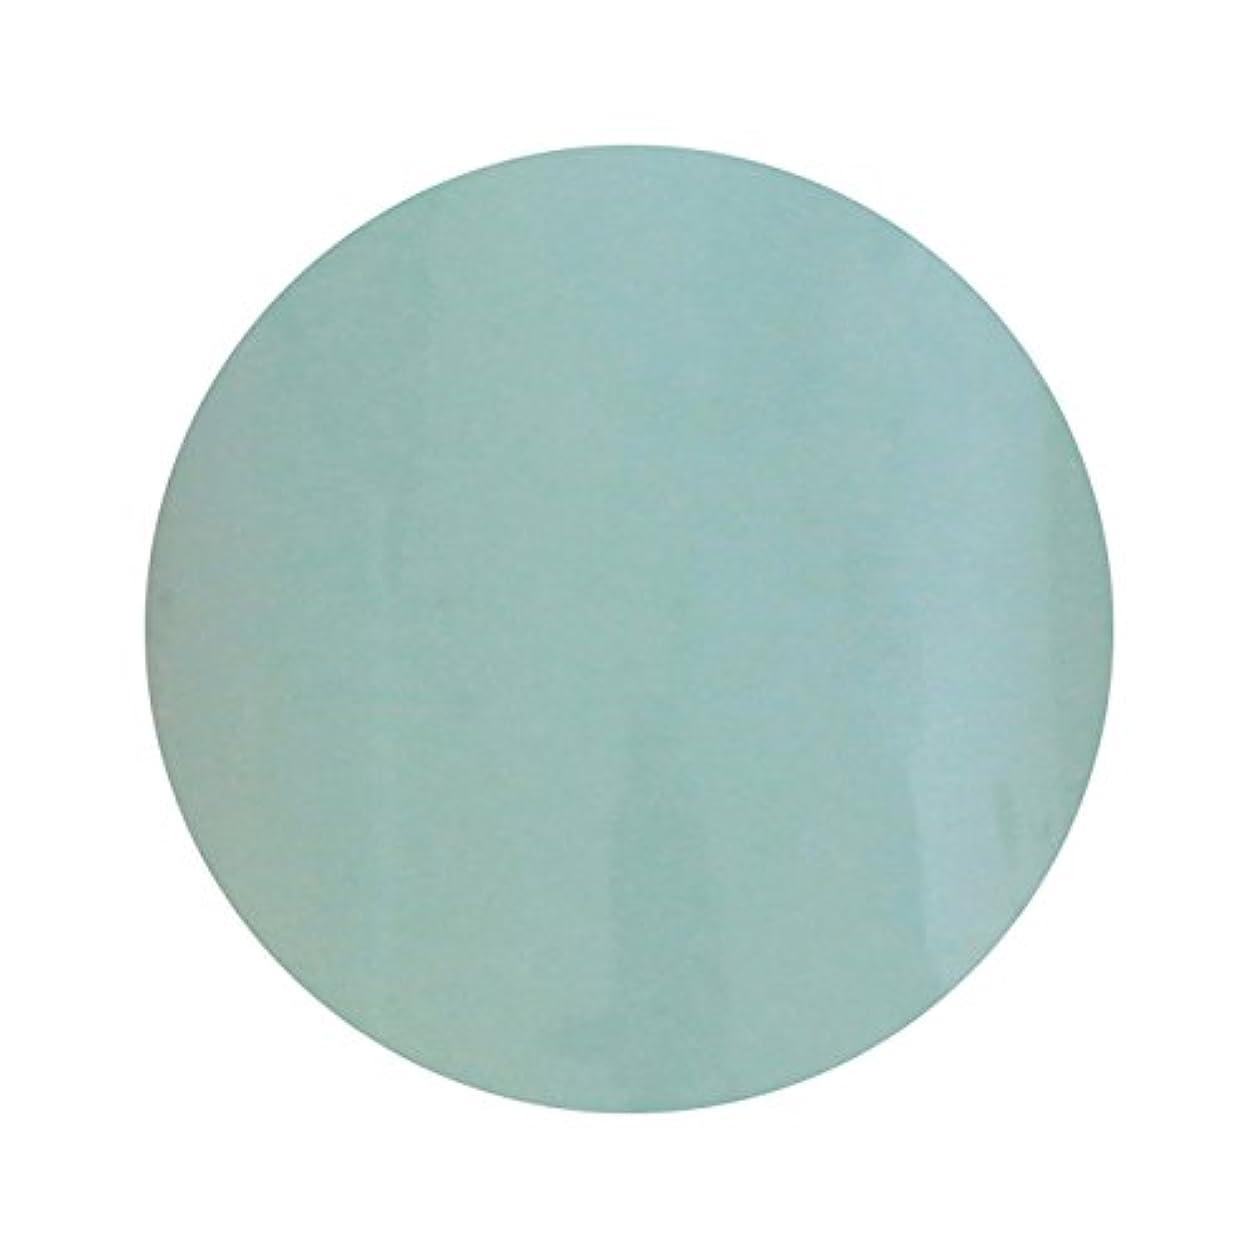 ヘビ掻くりT-GEL COLLECTION ティージェル カラージェル D210 ペールブルー 4ml